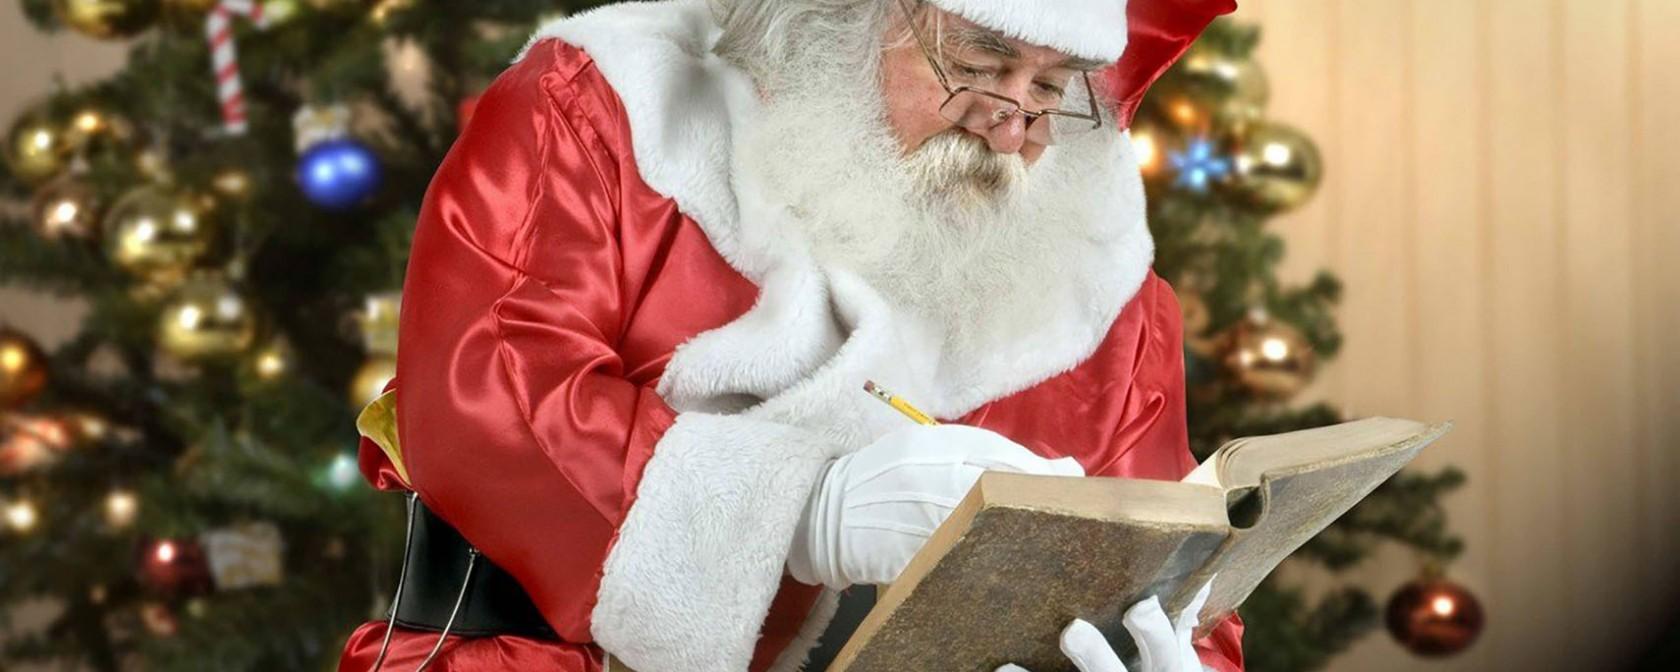 Дед Мороз записывает в книгу